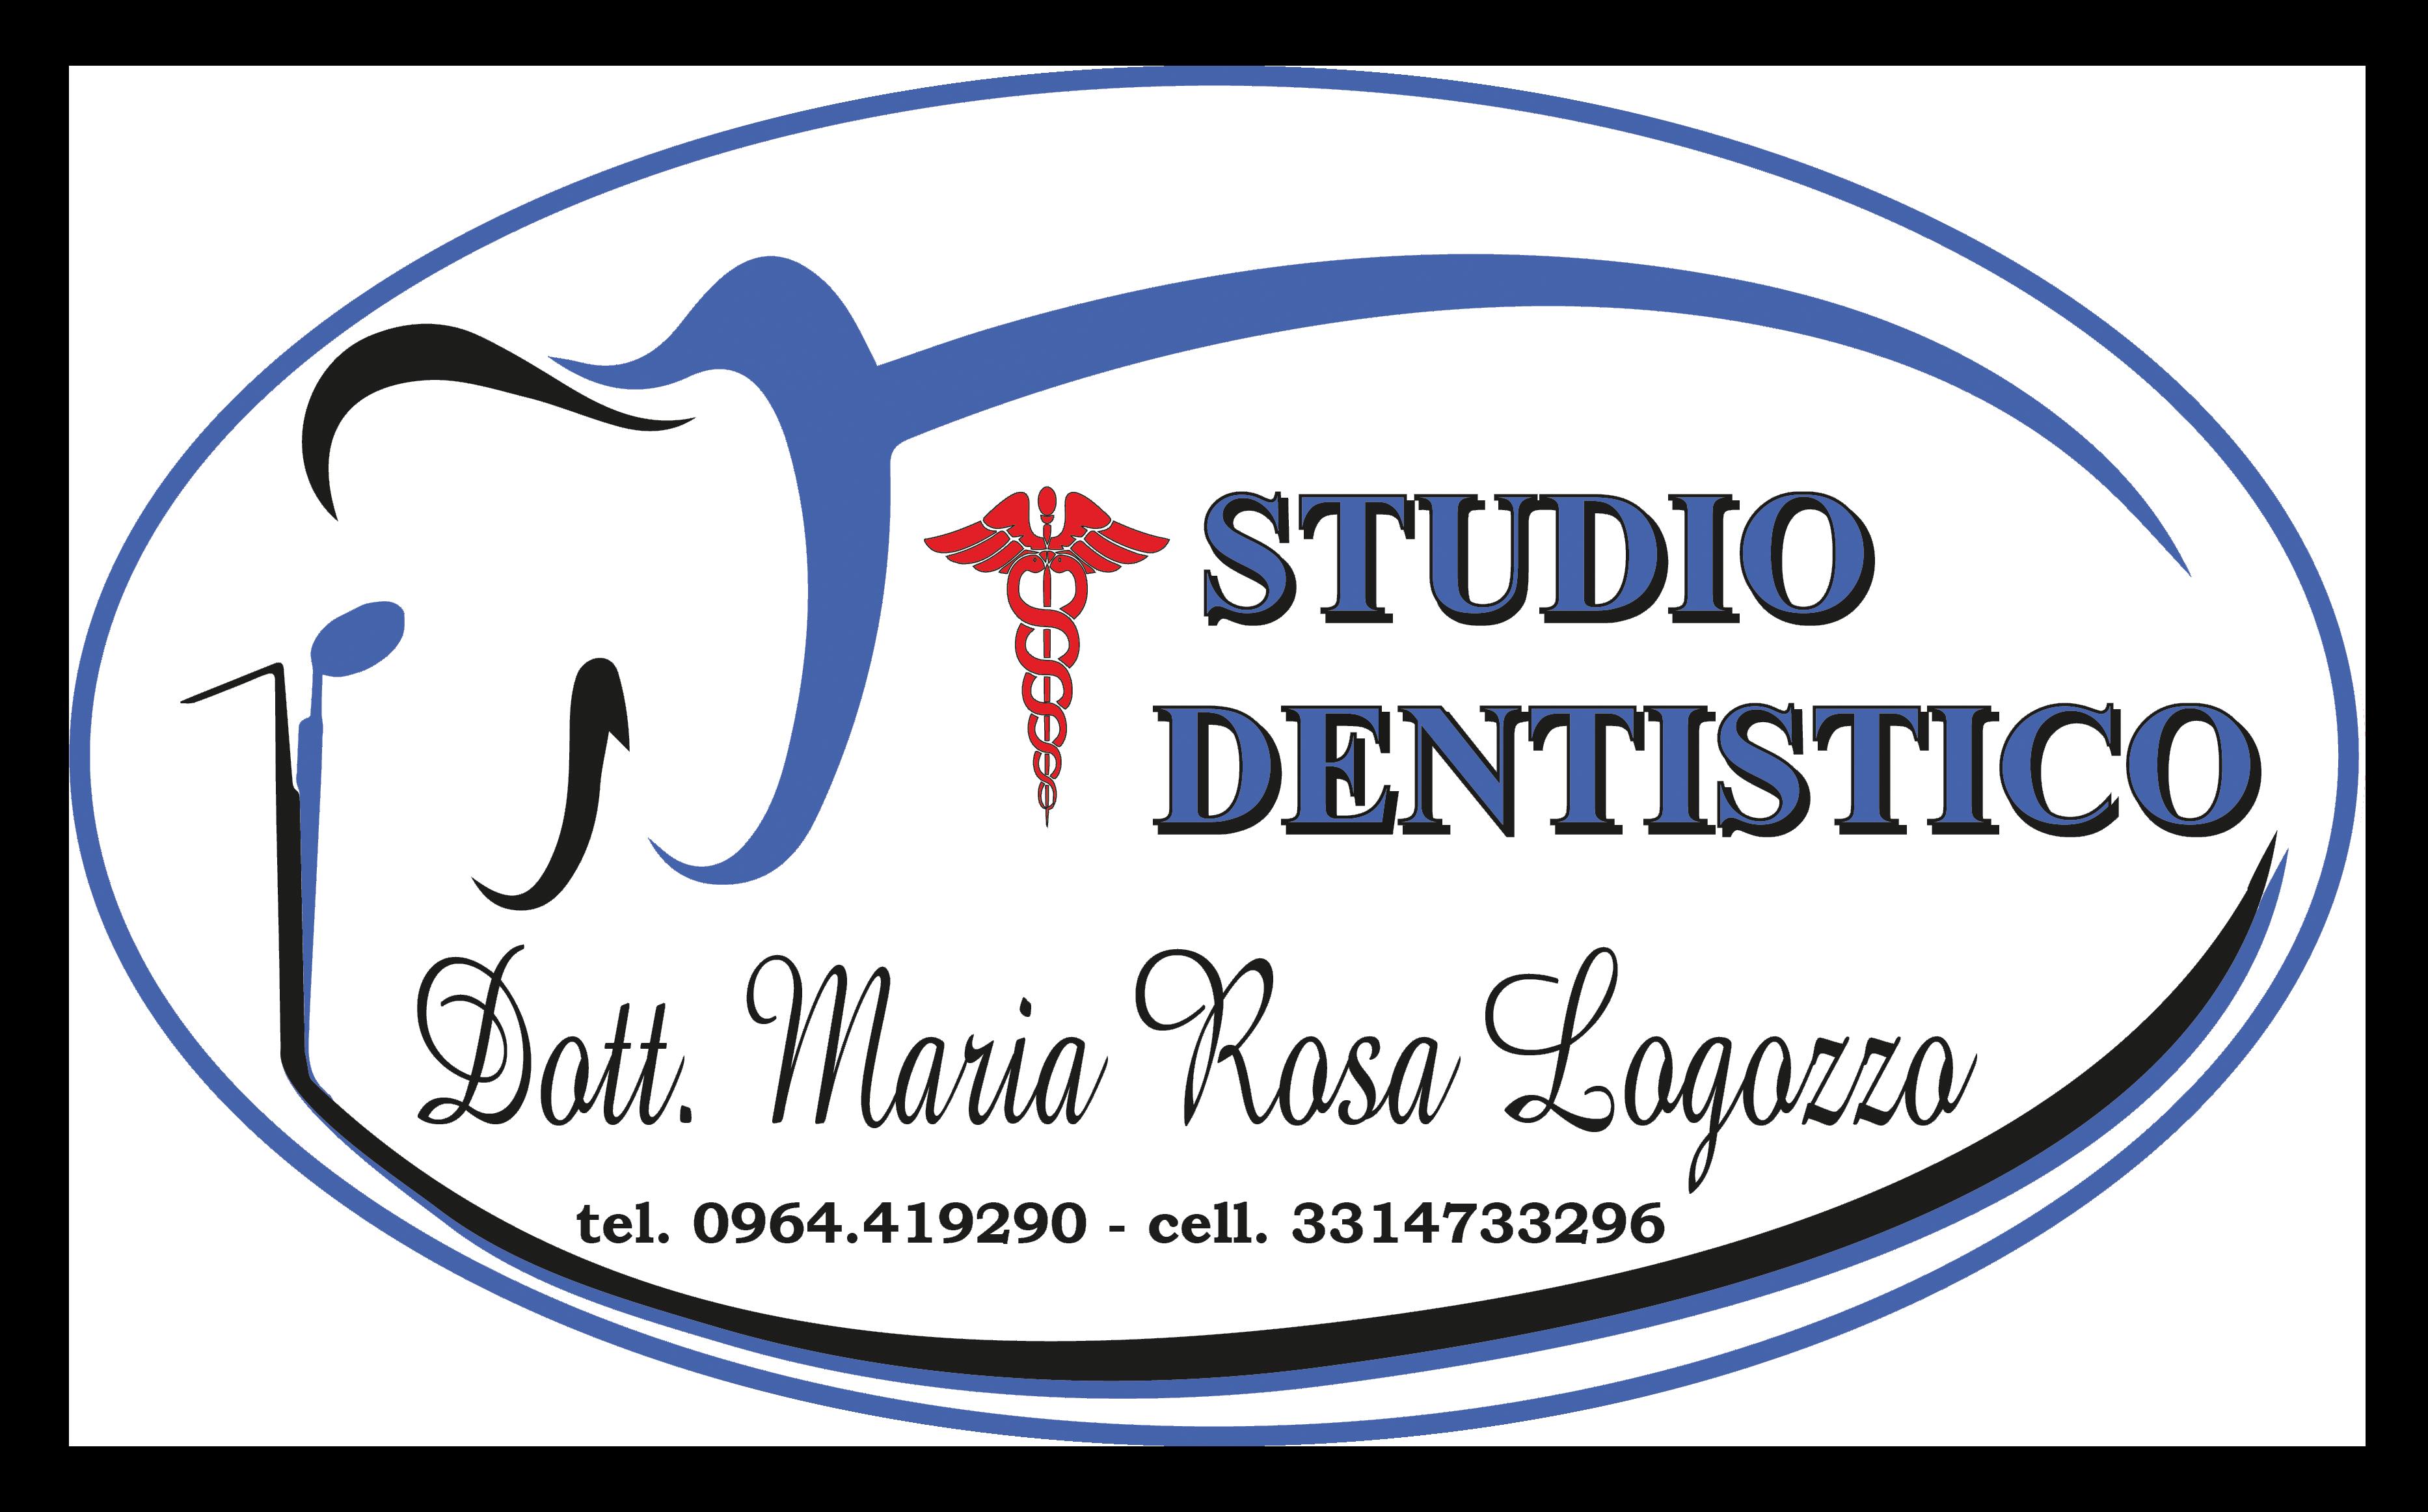 Studio Dentistico Logozzo